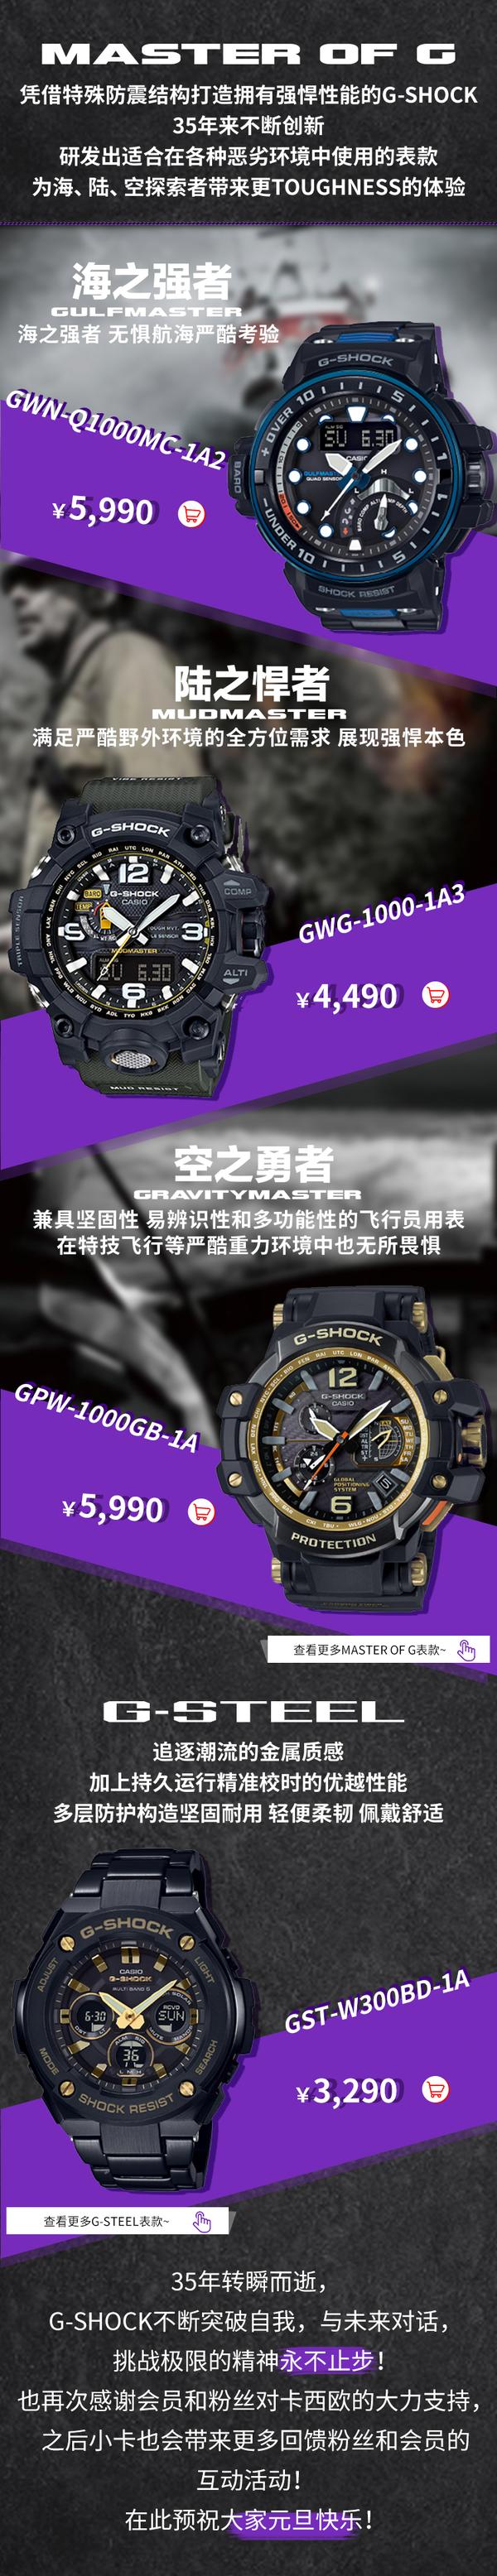 不坚韧,无以立 | 木村拓哉亲临上海G-SHOCK PREMIUM NIGHT高端产品发布会